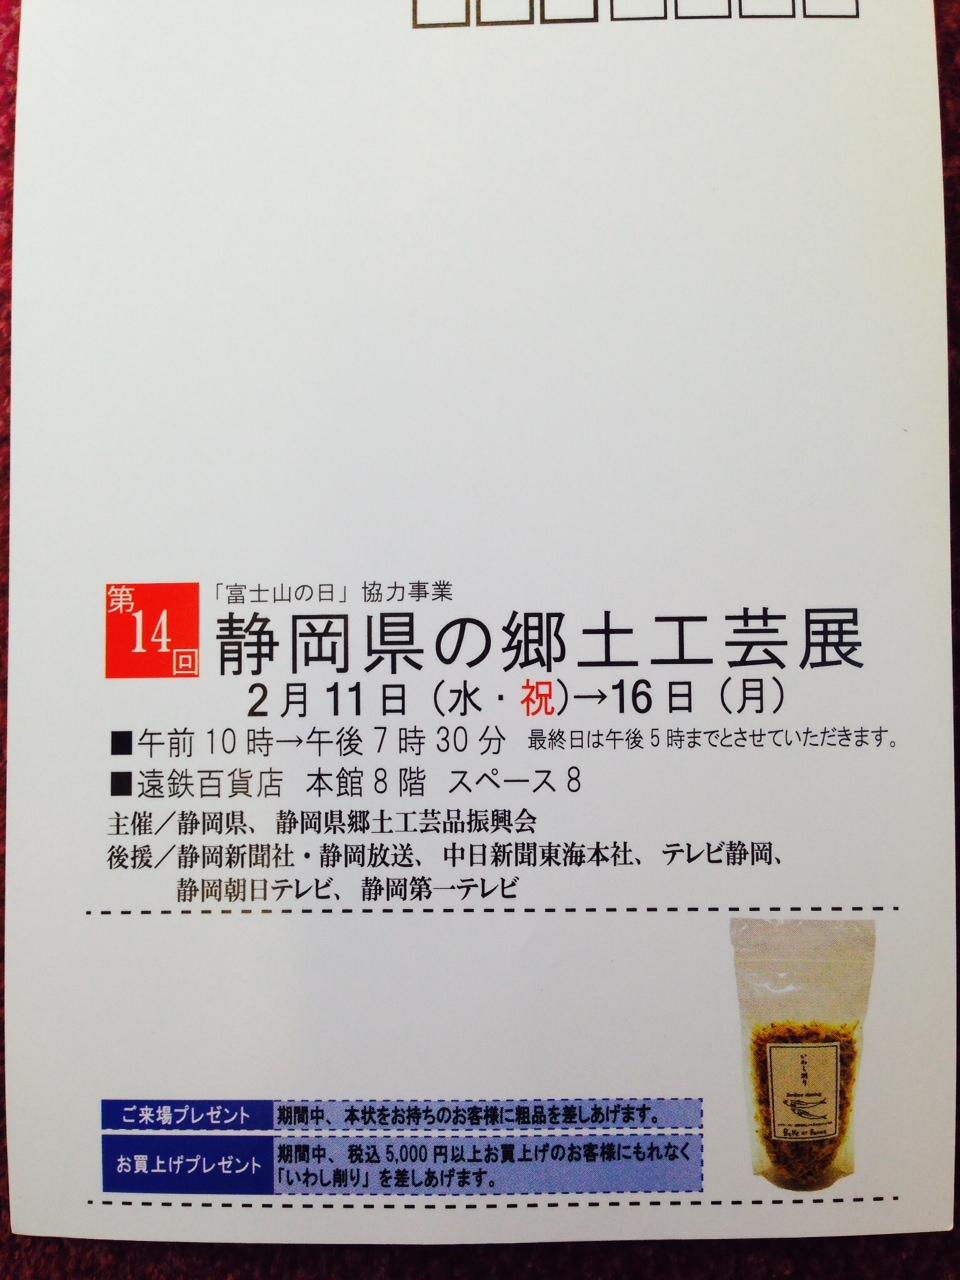 静岡県の郷土工芸展のお知らせ